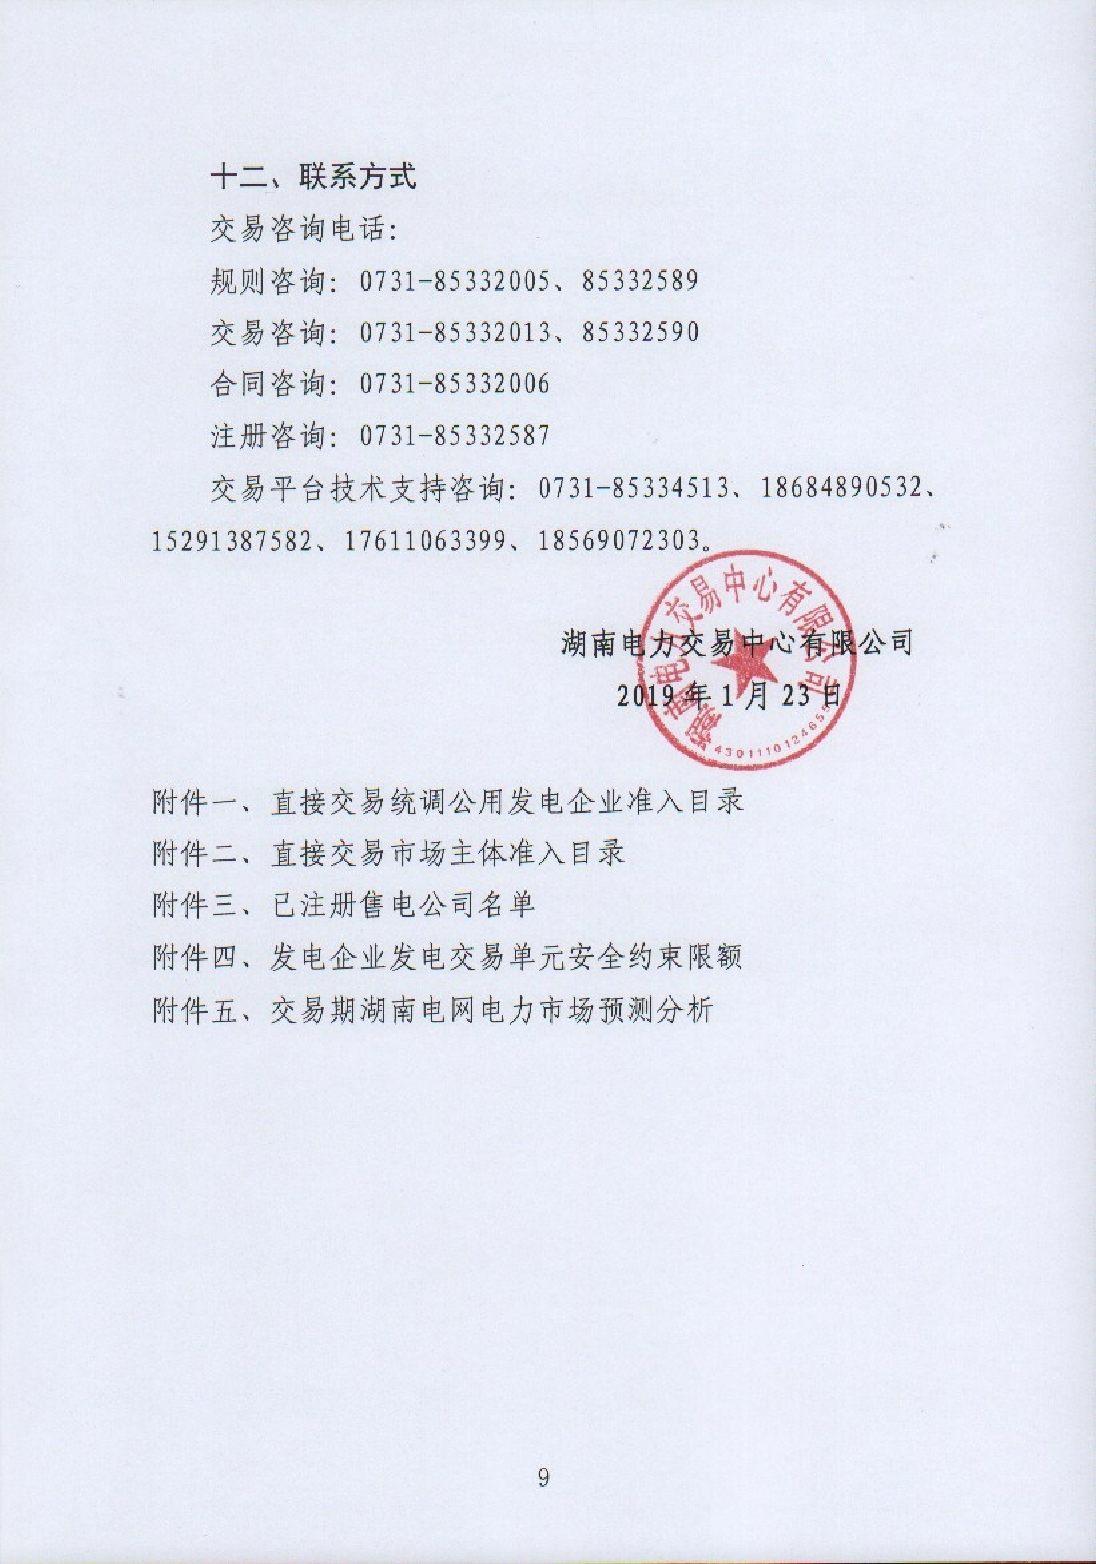 湖南電力交易中心有限公司關于2019年2月電力市場交易的公告.pdf_page_9_compressed.jpg